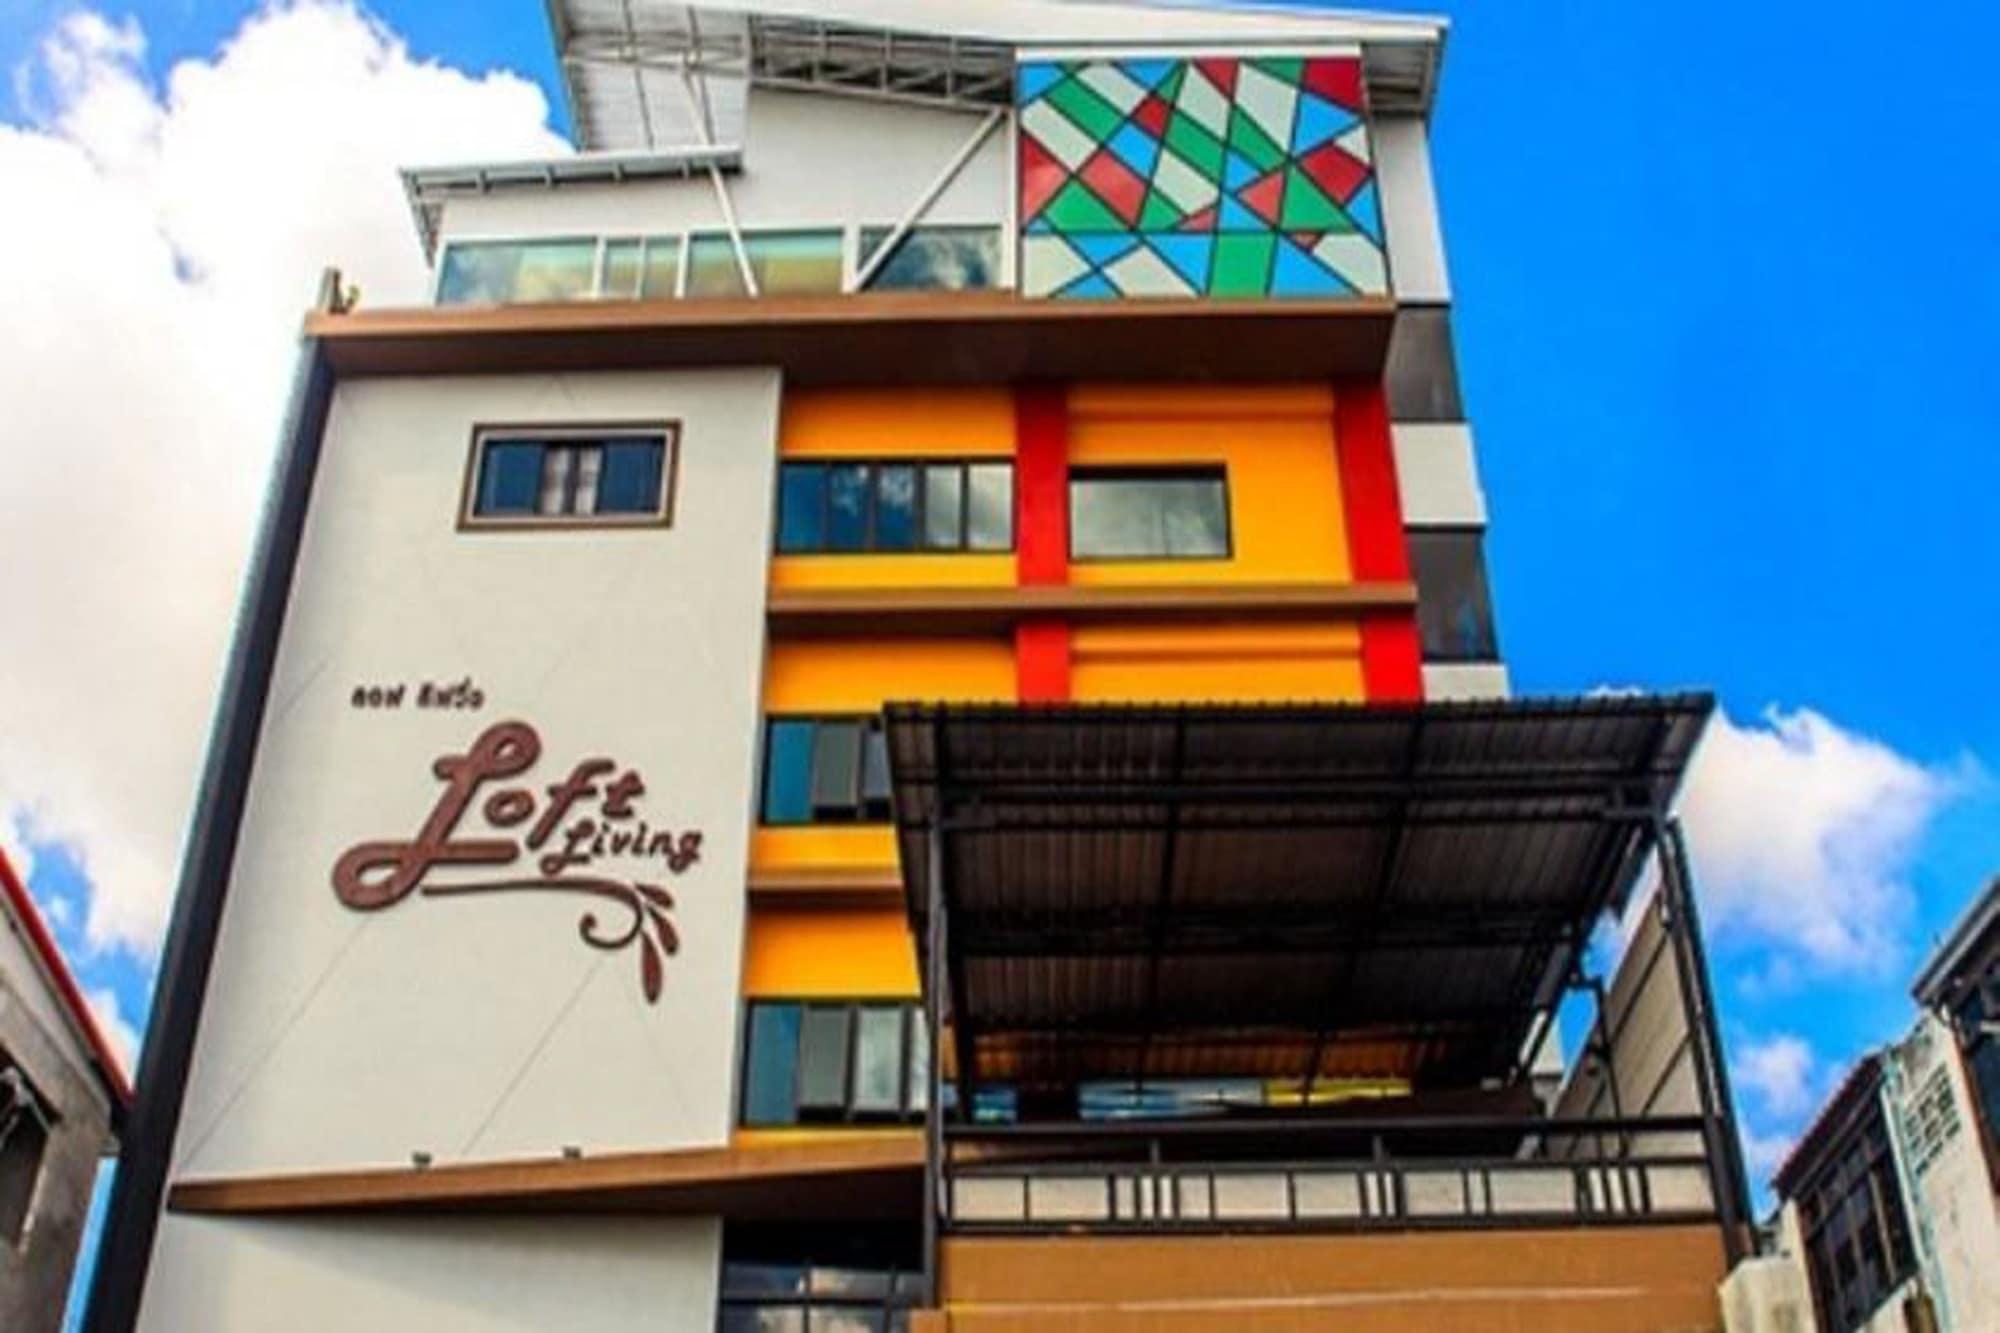 Loft Living Khonkaen, Muang Khon Kaen